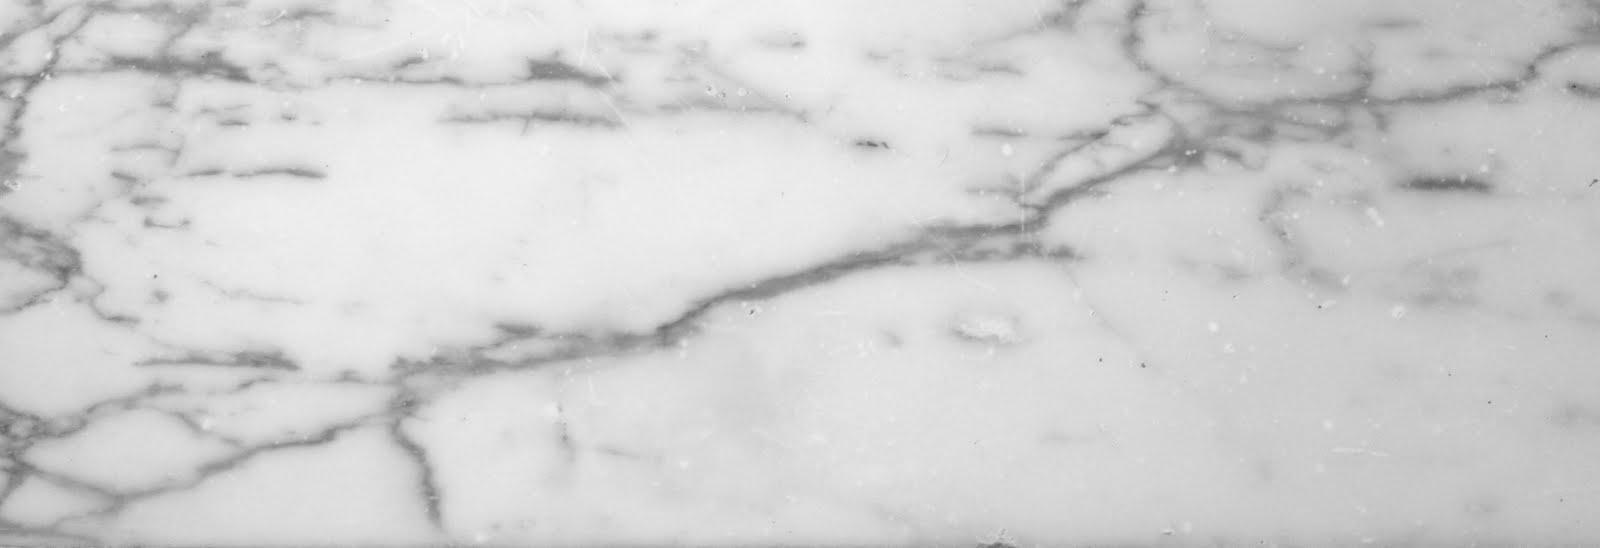 Come Togliere Macchie Di Acido Dal Marmo.Soluzione Extra Forte Per Recuperare Il Marmo Rovinato Macchiato